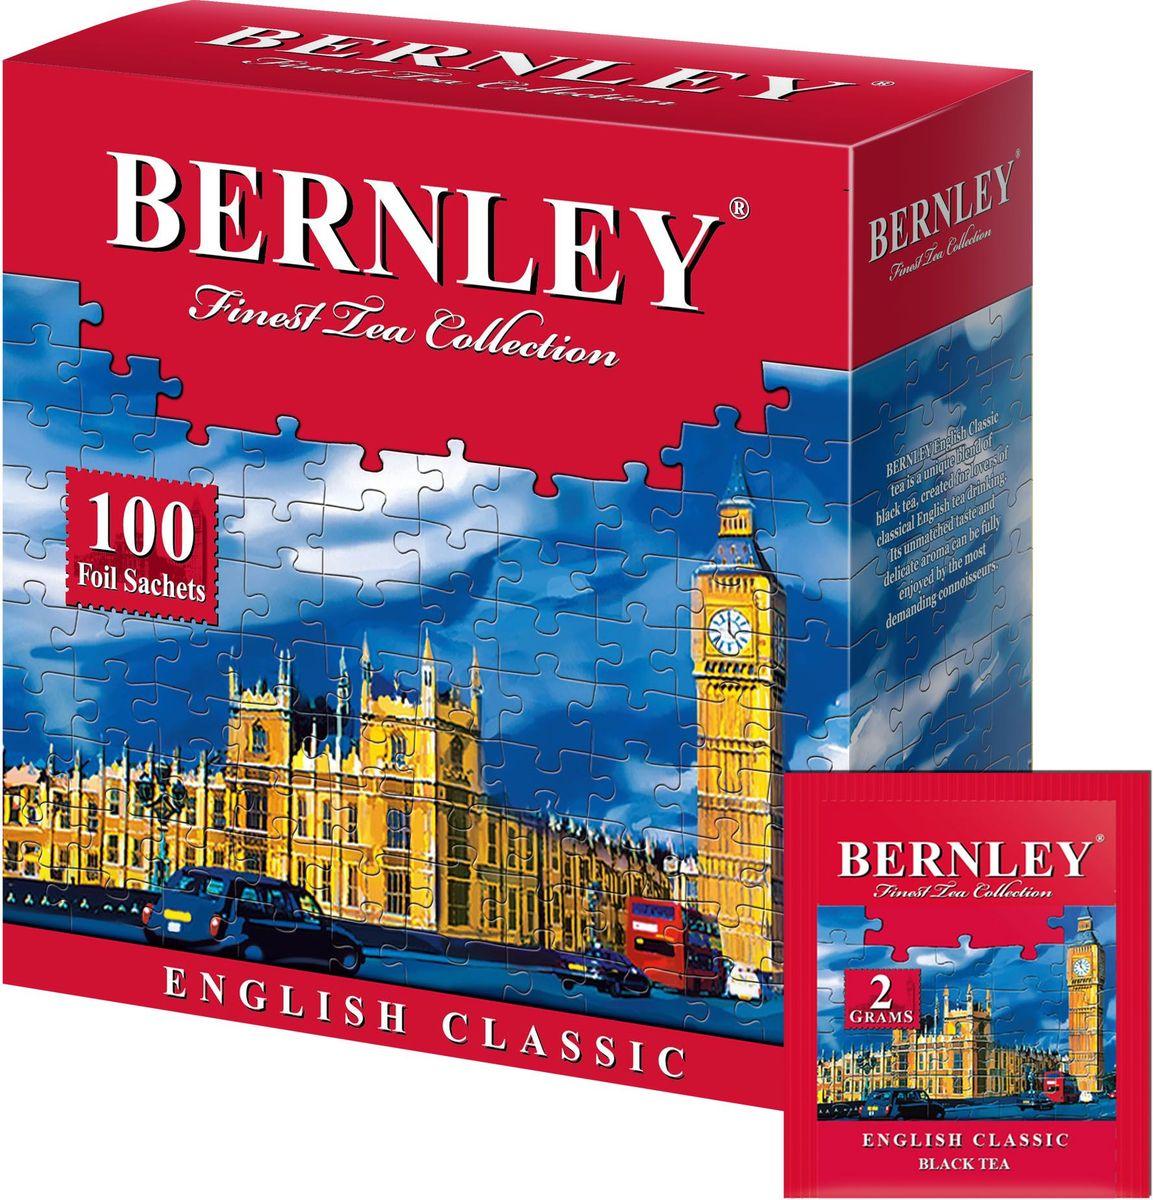 Bernley English Classic чай черный байховый мелкий в пакетиках, 100 шт71368-00Чай Bernley English Classic в конвертах имеет терпкий вкус, отлично сбалансированный, с восхитительно утонченными оригинальными оттенками. Быстро восстанавливает силы, повышает жизненный тонус. Подходит для чаепития в любое время суток.